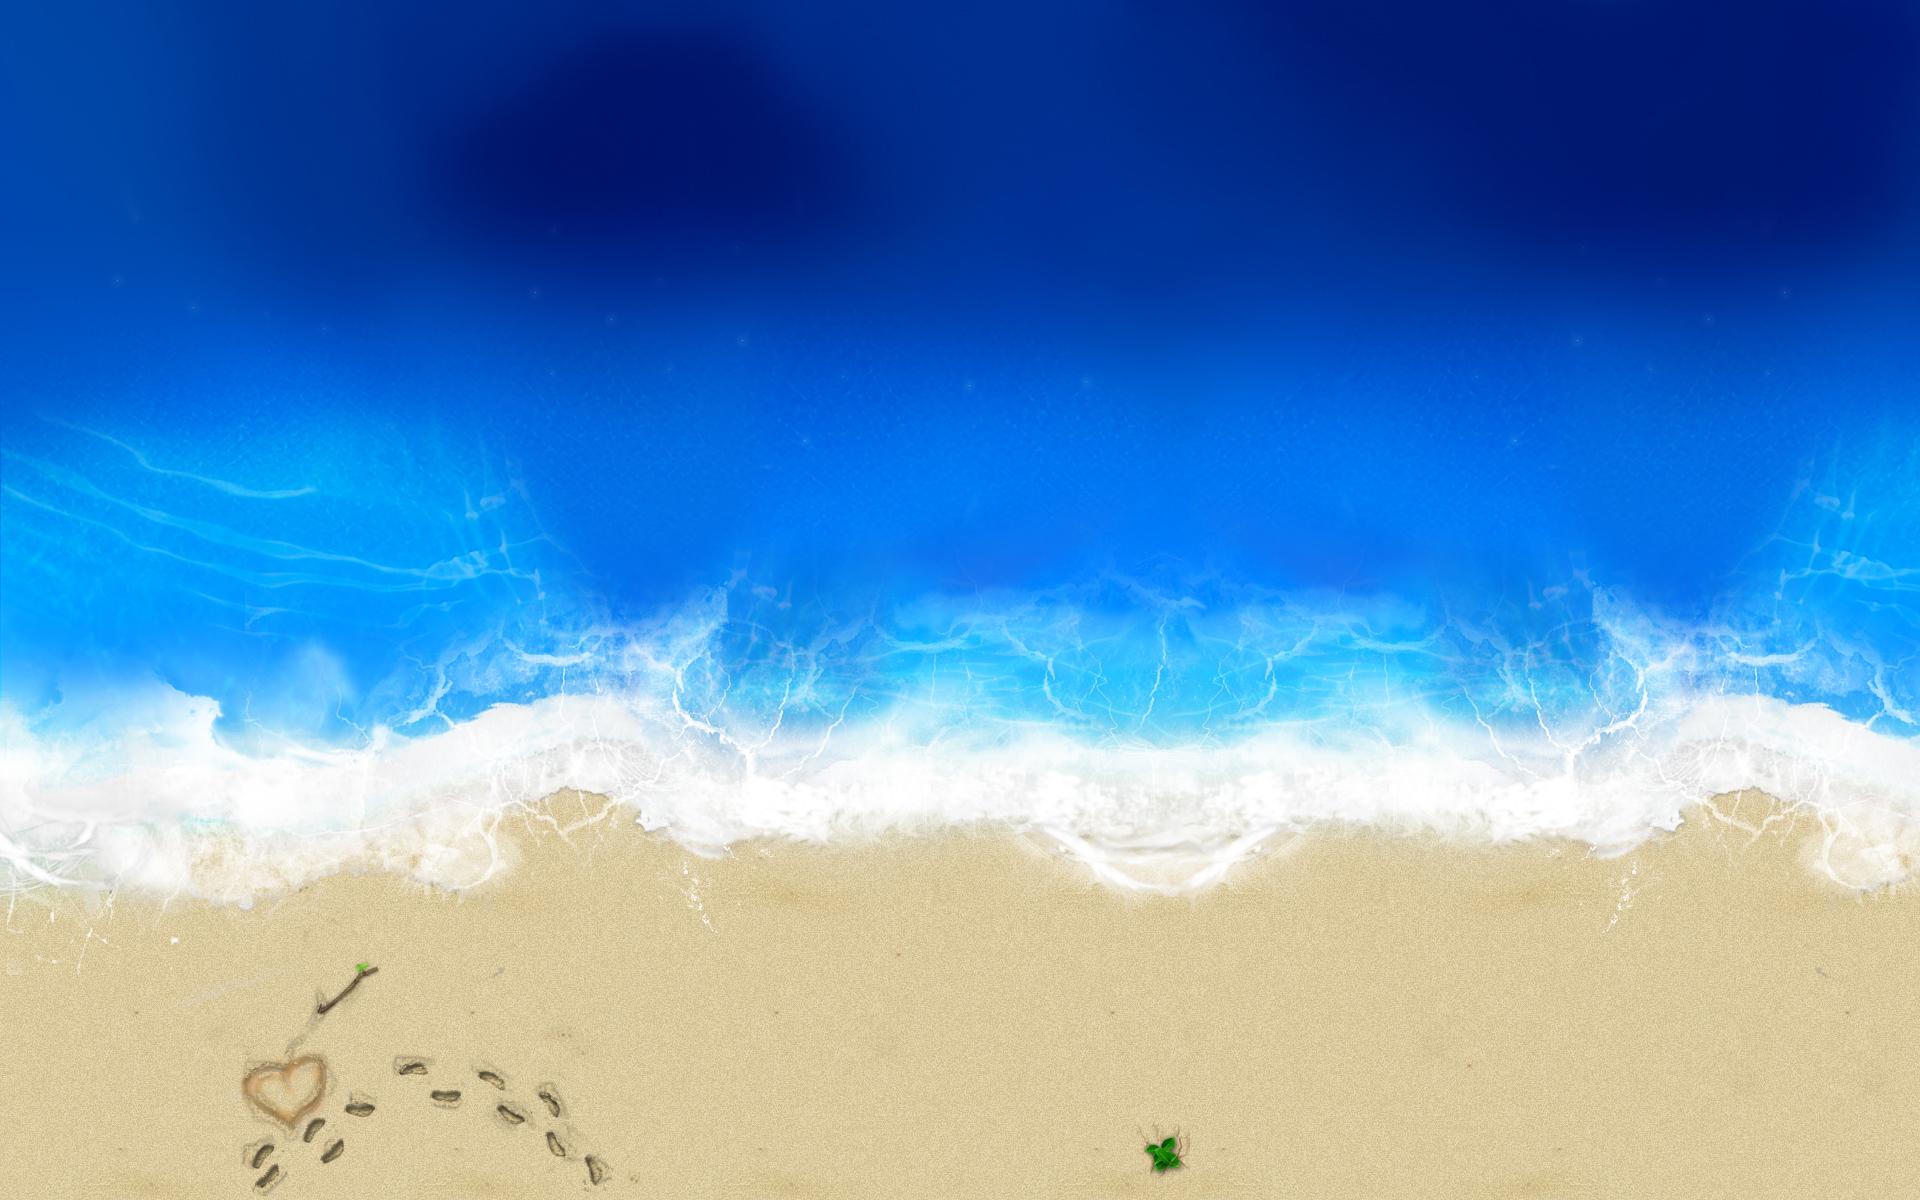 Beach wallpapers high resolution